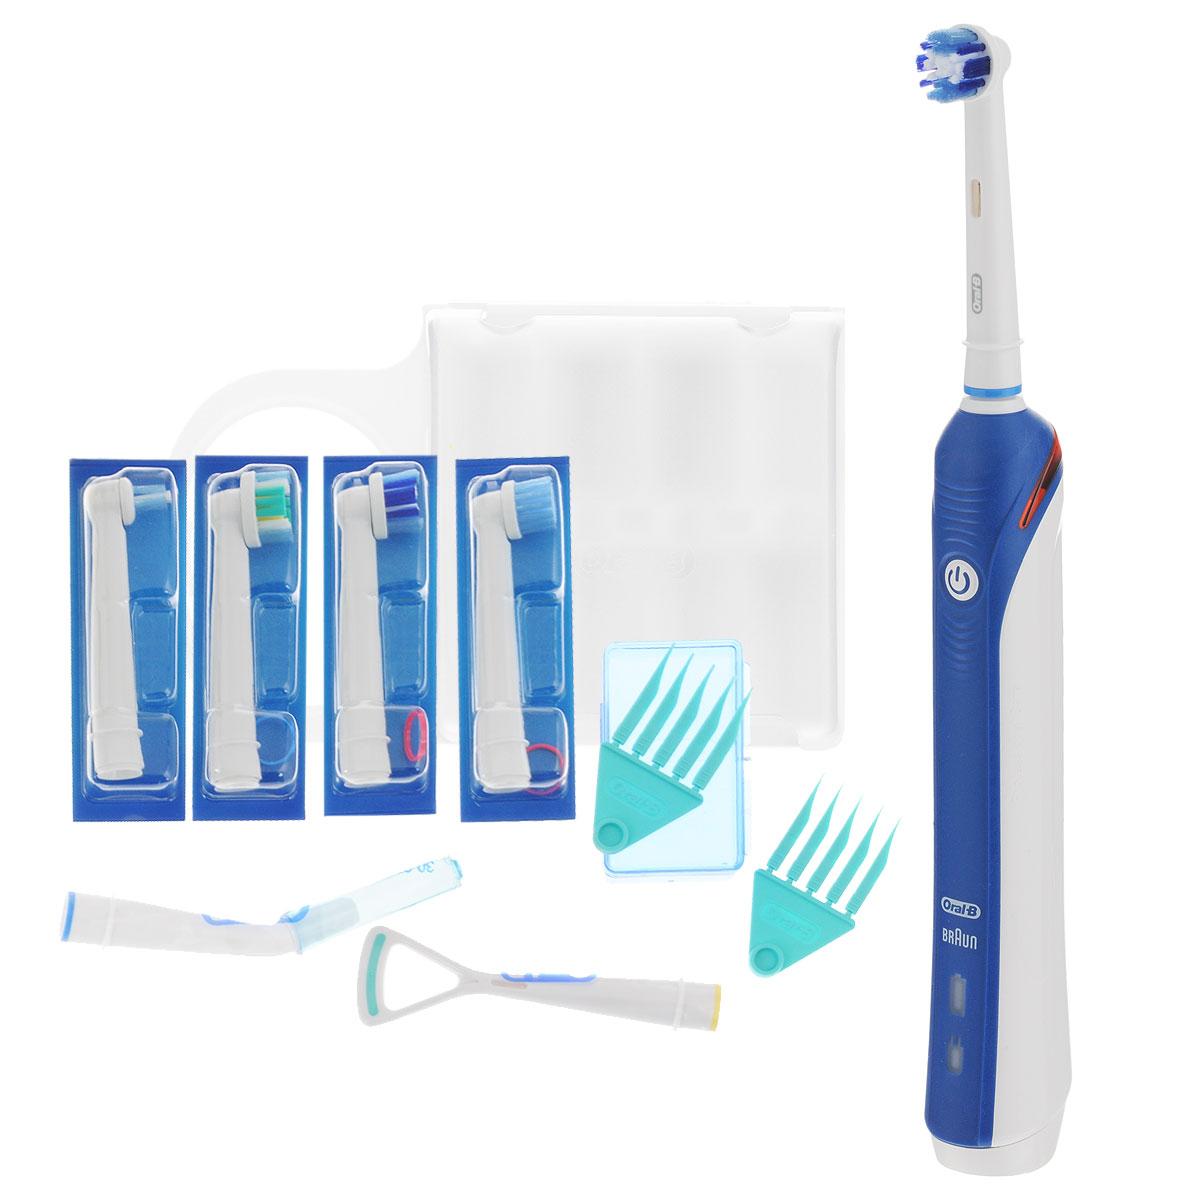 Oral-B Professional Care 3000 (D20.575.3) электрическая зубная щеткаD20.575.3Для достижения оптимальных результатов чистки, Oral-B Professional Care 3000 удаляет до 100% налета, больше, чем другие зубные щетки. Во время чистки щетка совершает 40000 пульсаций и 8800 возвратно-вращательных движений в минуту. Щетинки колеблются и тщательно окружают зубы, разрушая налет и удаляя его.3 простых в использовании режима чистки:Ежедневная чистка: для исключительный чистки зубов и десенБережная чистка: мягкое, но тщательное очищение зубов и чувствительных зонПолировка: полирует и возвращает натуральную белизну зубамИнновационная красная полоска света, встроенная в рукоятку щетки начинает мигать, подавая Вам видимый сигнал.Чтобы получить лучшие результаты: профессиональный таймер гарантирует, что вы осуществляете чистку нужное время (стоматологи рекомендуют 2 минуты). Короткий прерывающийся звук с 30-секундным интервалом, который вы можете услышать и почувствовать, напоминает Вам, о том что нужно чистить каждый квадрант полости рта одинаковое время, тщательно и последовательно. Длинный прерывающийся звук указывает, когда рекомендуемое время чистки закончилось.Насадка Precision Clean охватывает каждый зуб отдельно для снятия налета и удаления потемнений эмалиНасадка 3D White помогает бережно удалять потемнения эмали.Сменная насадка Sensitive помогает бережно чистить зубы и десна, при повышенной чувствительности зубов. Также содержит голубые щетинки Indicator, которые обесцвечиваясь, сигнализируют об износе щетины.Перезаряжаемый аккумулятор, заряда которого хватает на 7 дней (если использовать дважды в день).